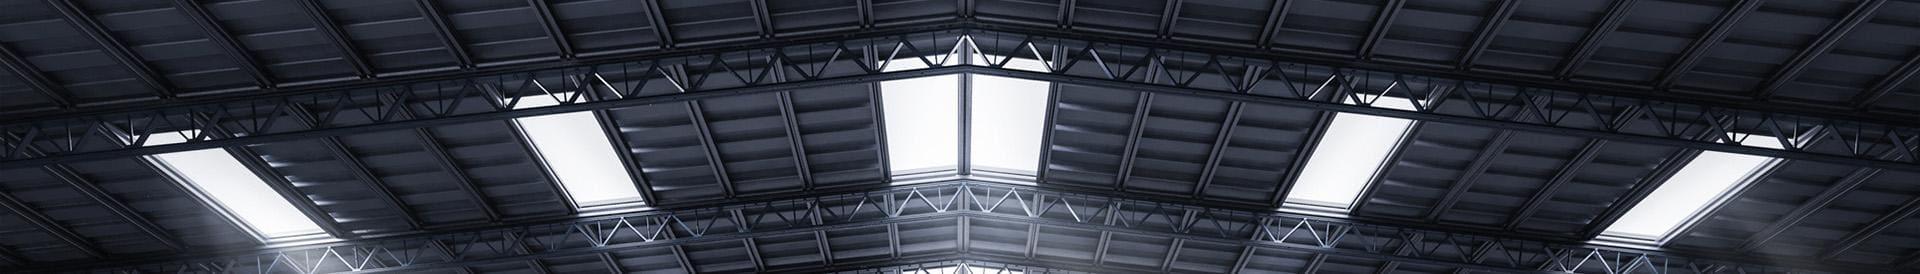 Dach i okna dachowe